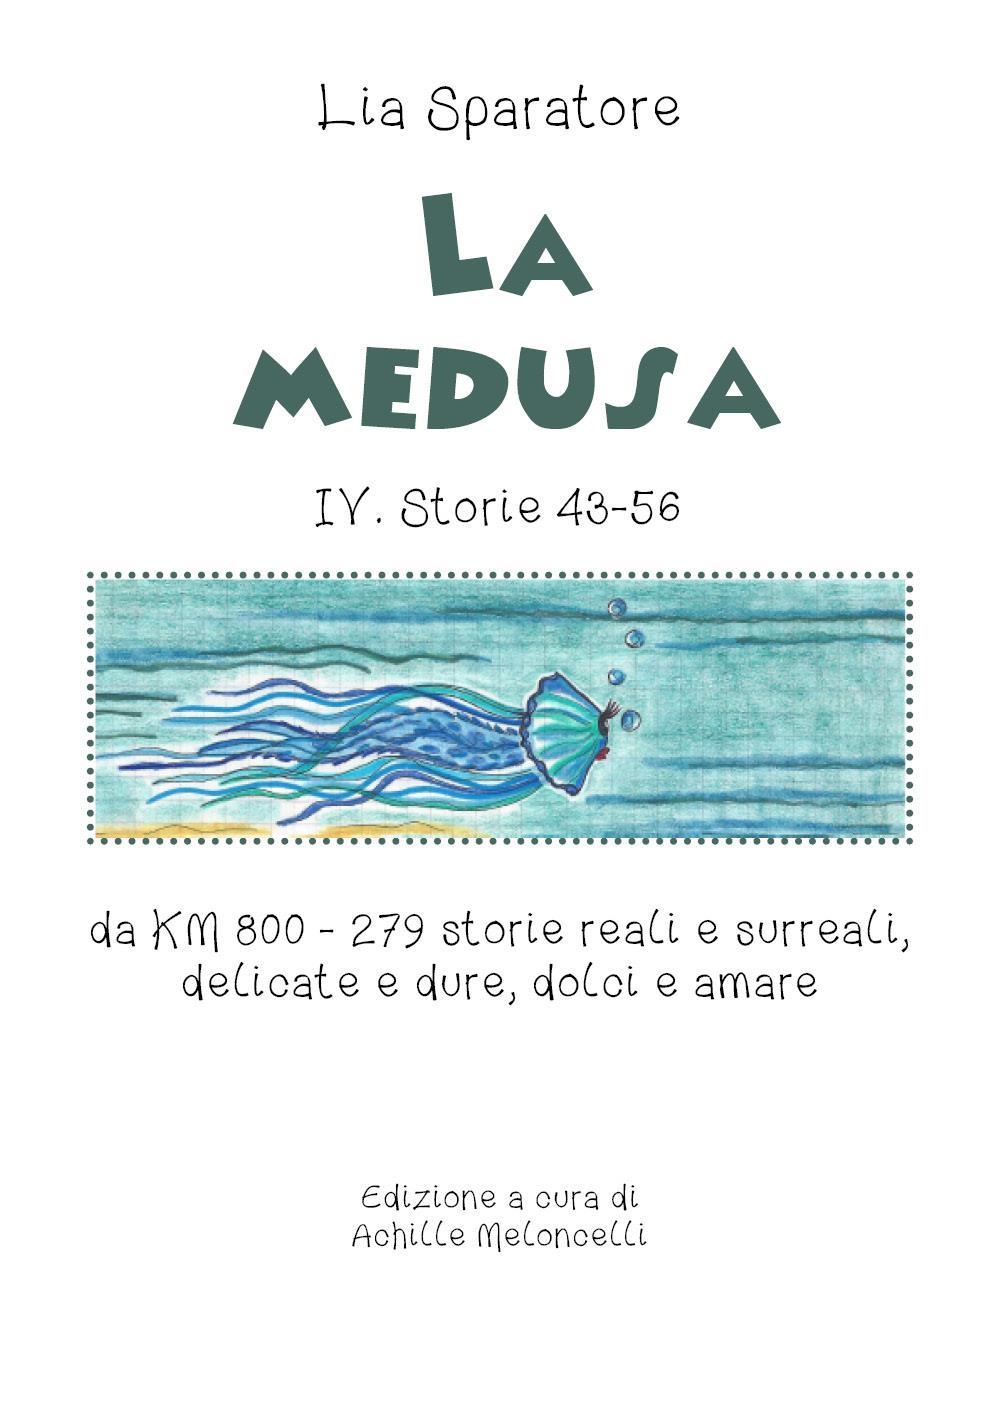 La medusa IV. Storie 43-56 da KM 800 - 279 storie reali e surreali, delicate e dure, dolci e amare